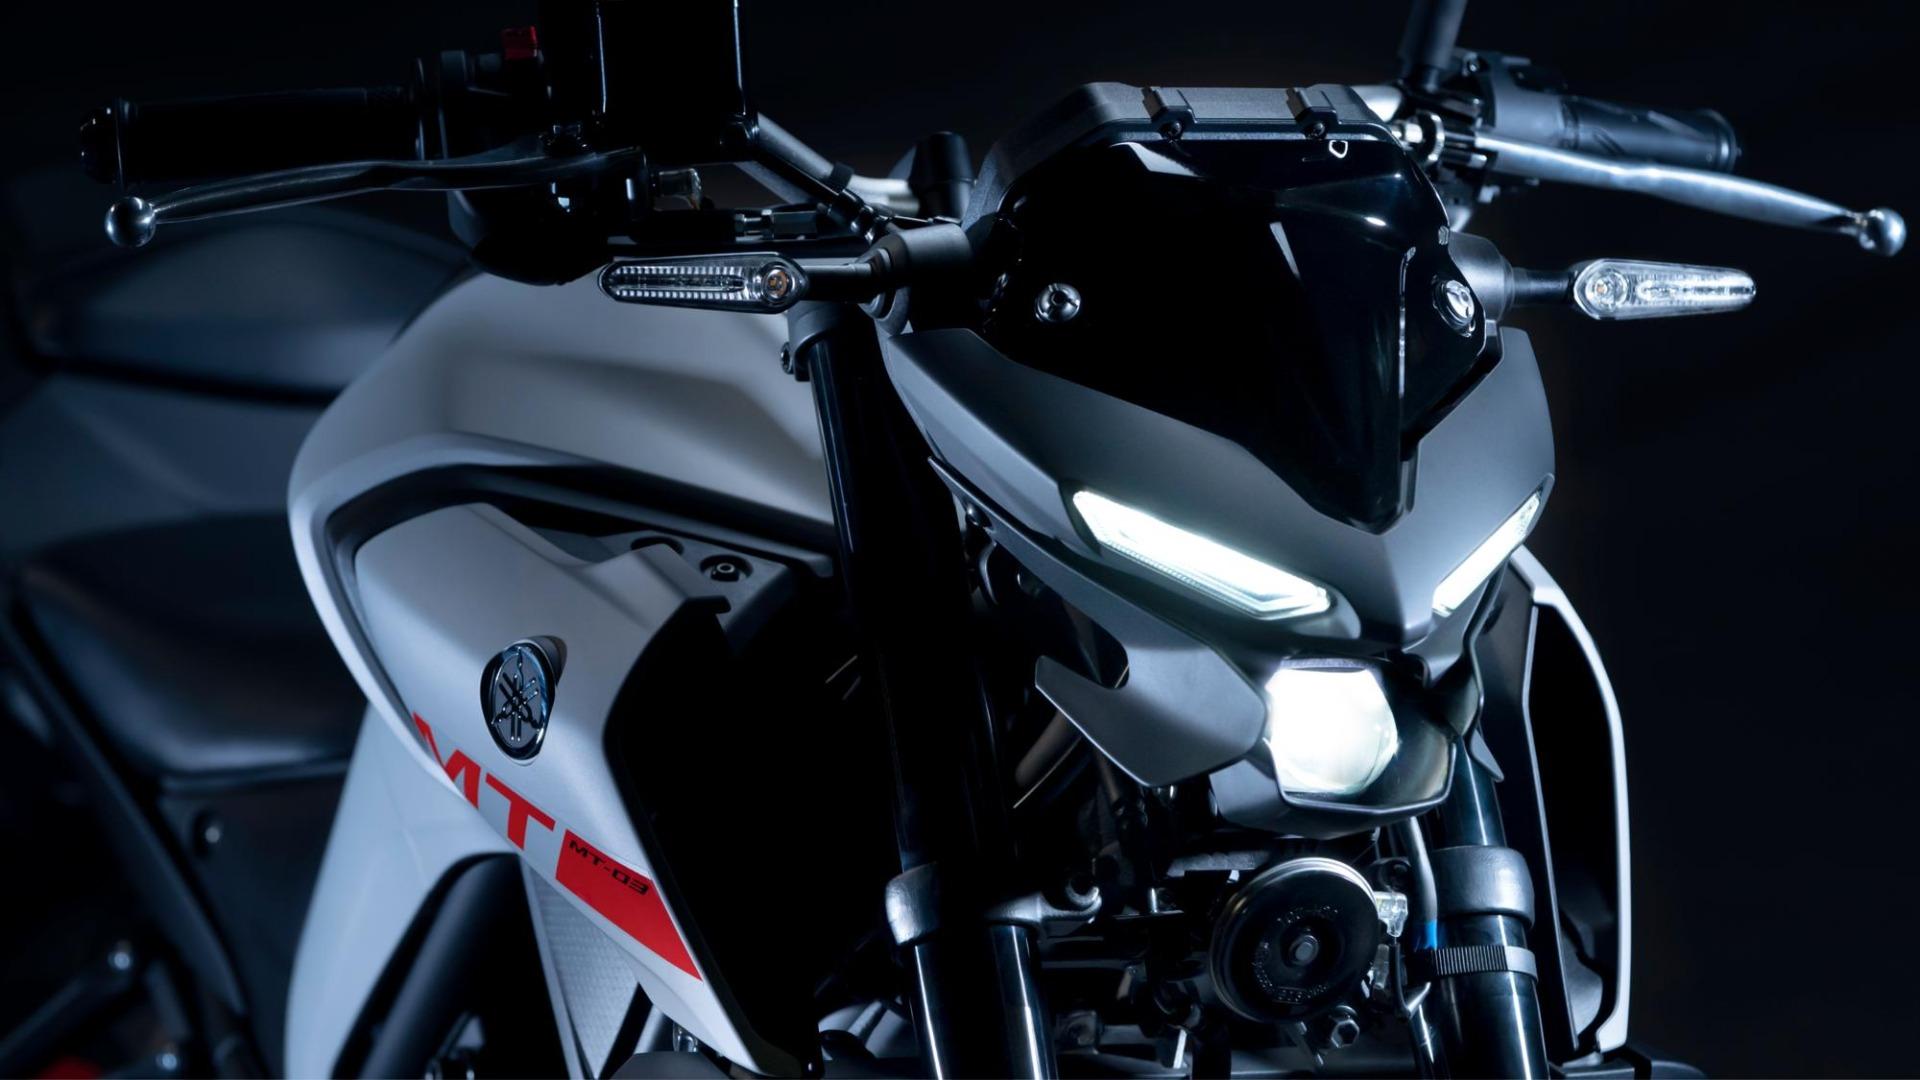 Yamaha MT-03 2020, radical lavado de cara para la naked A2 de Yamaha